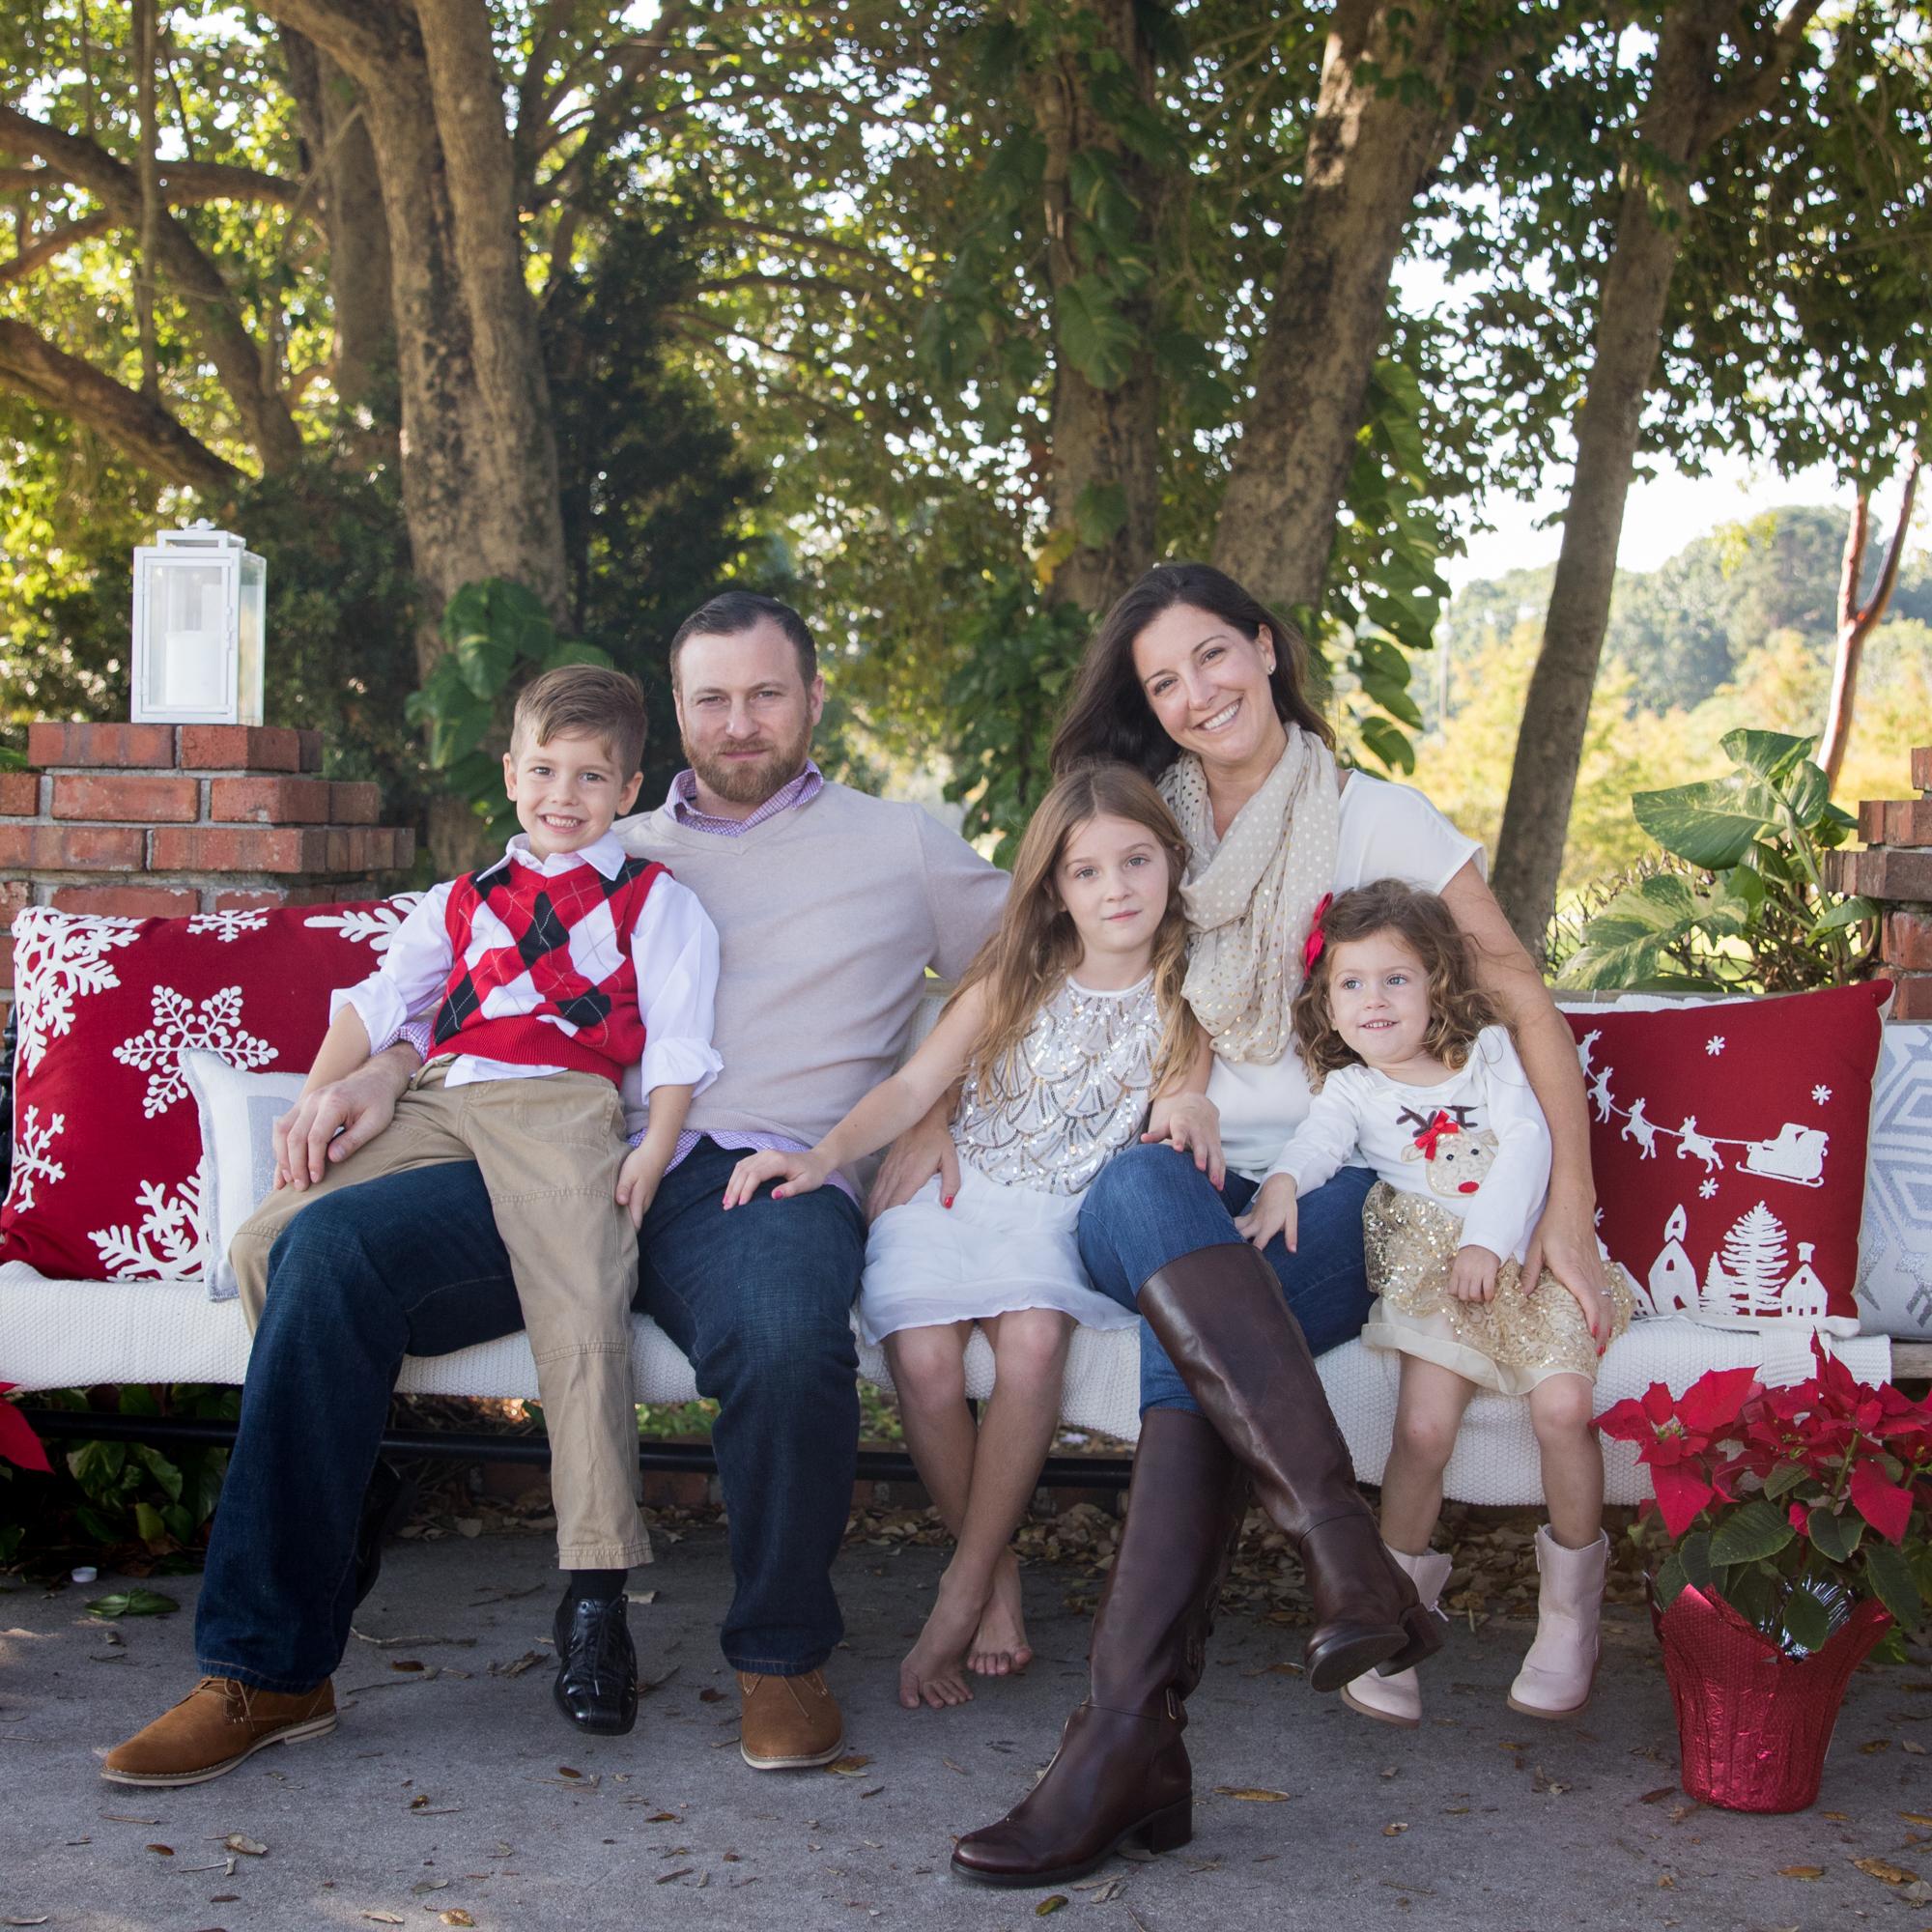 11-19-16_MorrisonFamily_Christmas-120_3.jpg